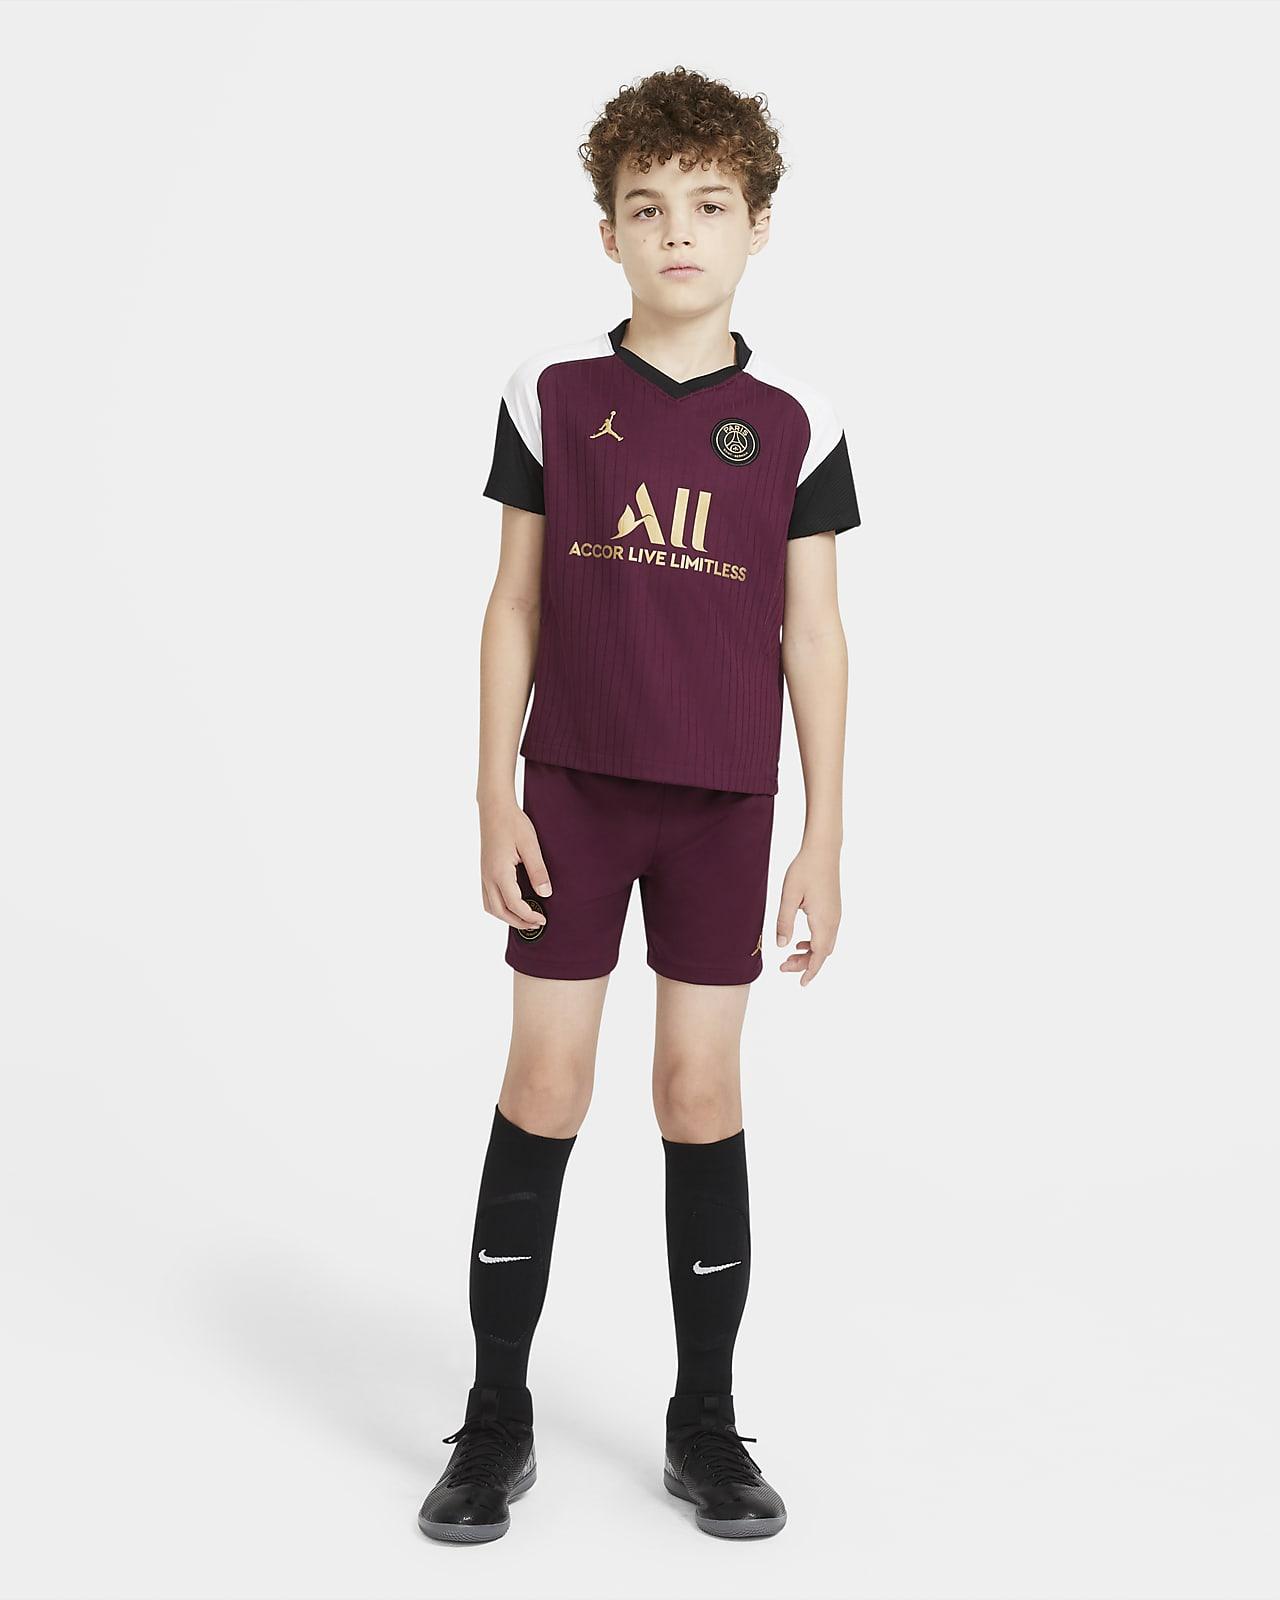 Ποδοσφαιρικό σετ Παρί Σεν Ζερμέν 2020/21 Third για μικρά παιδιά